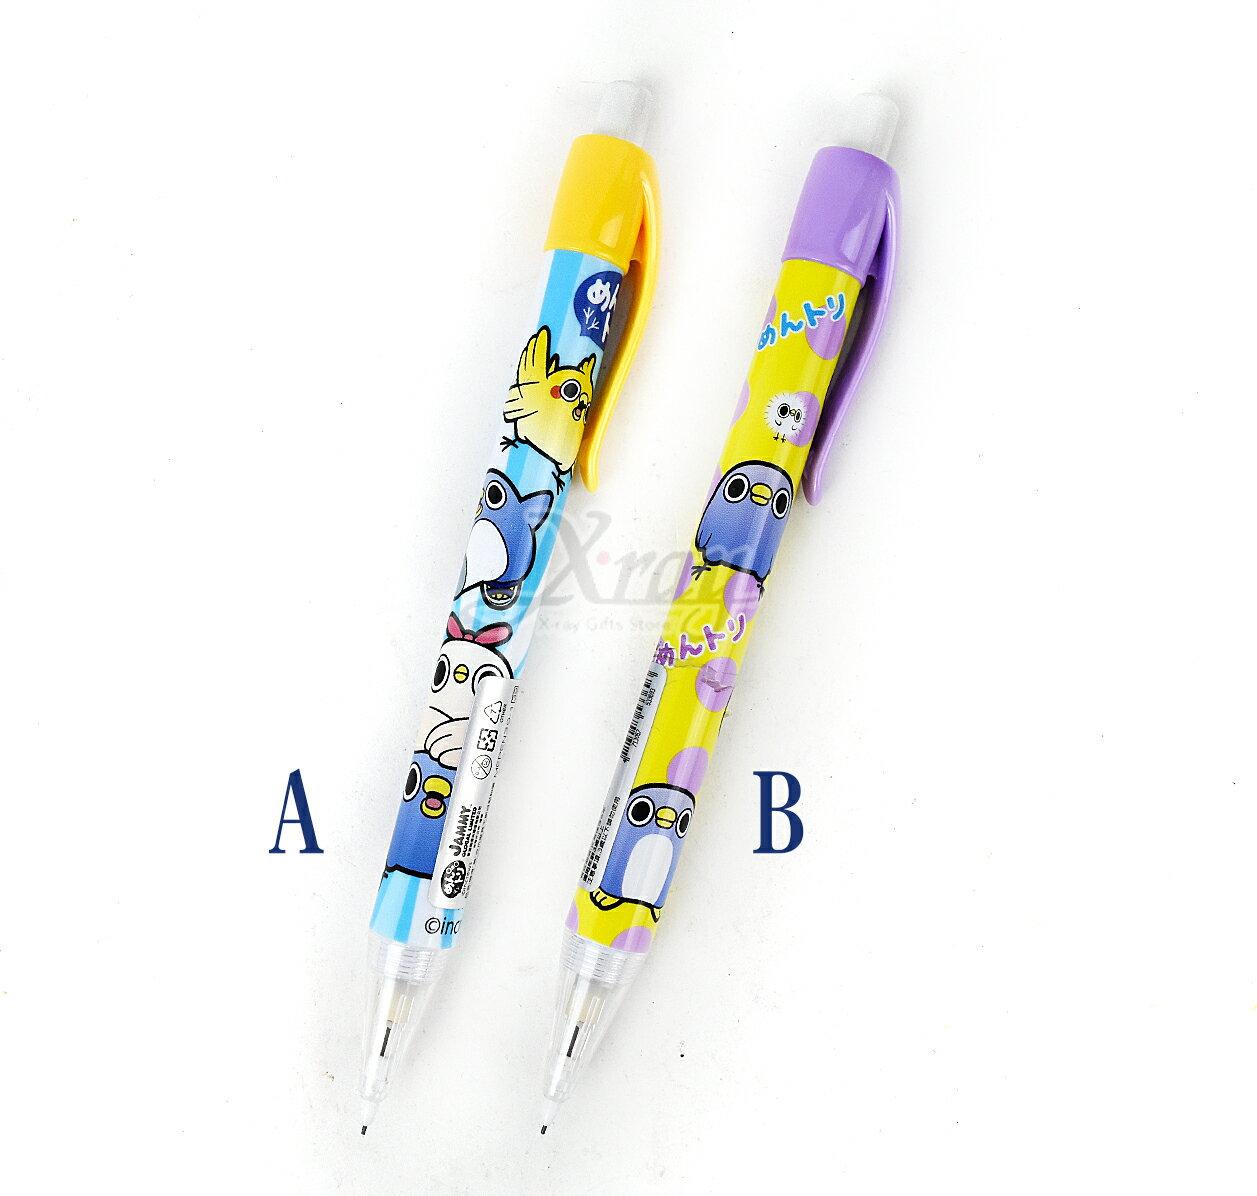 X射線【C533693】懶得鳥你-抗壓寫不斷自動鉛筆,自動筆/鉛筆/開學用品/學生/辦公用品/文具